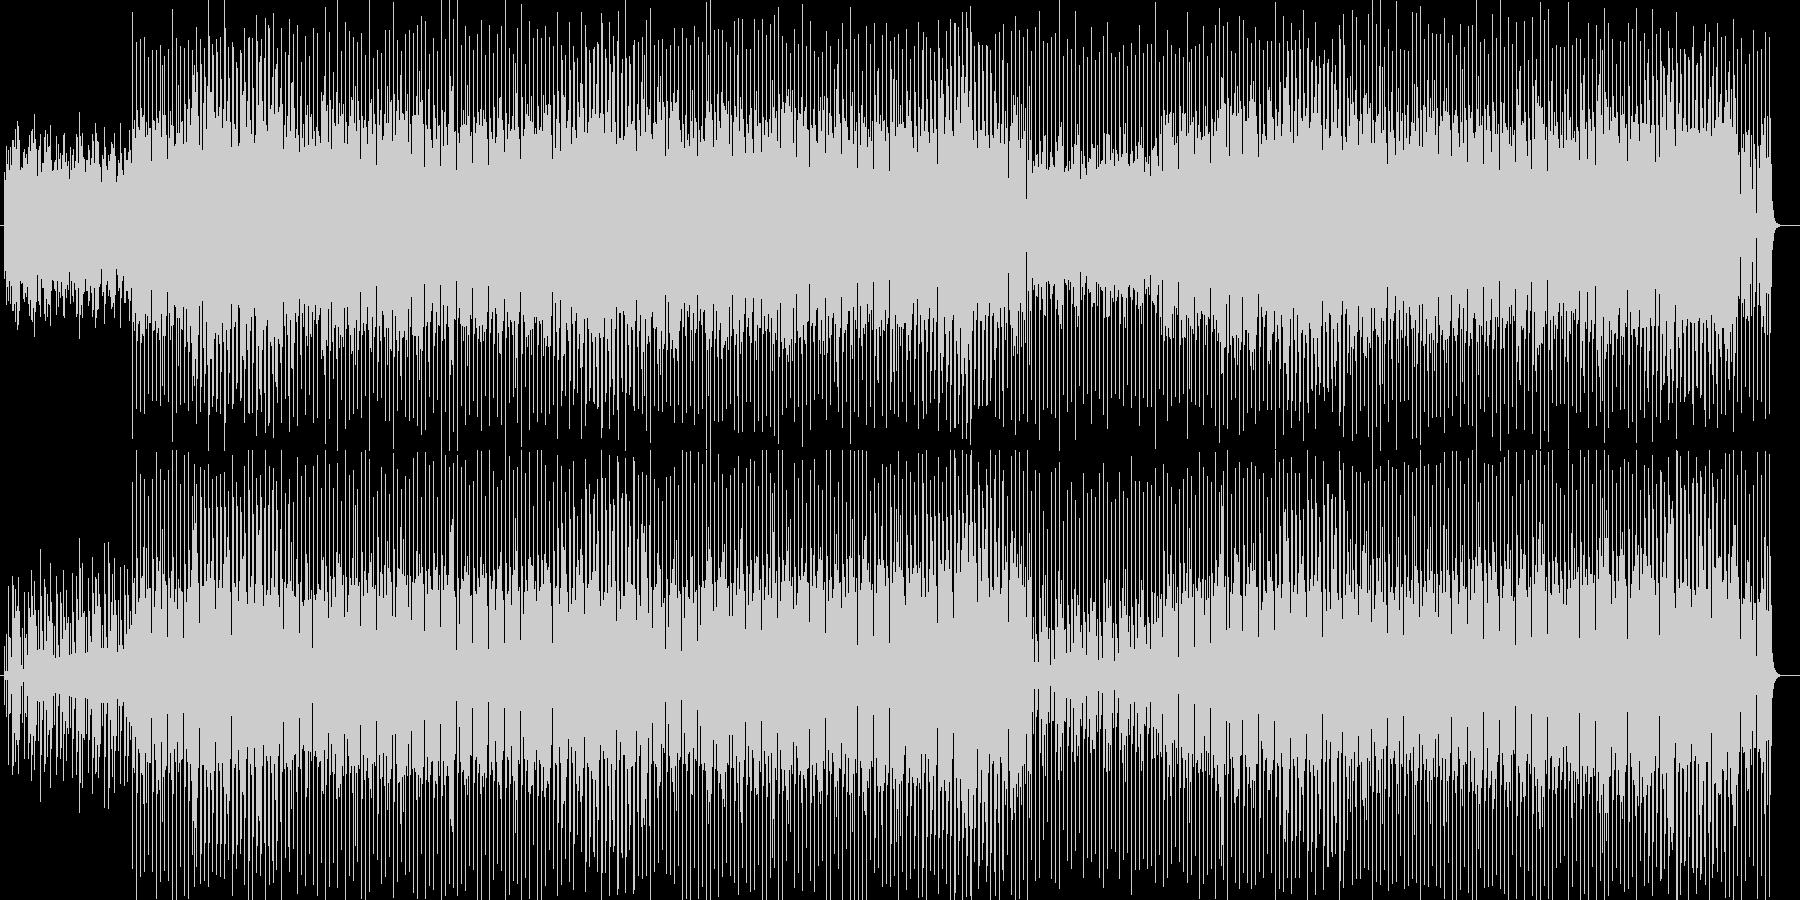 細かな音が続く繊細なシンセ曲の未再生の波形